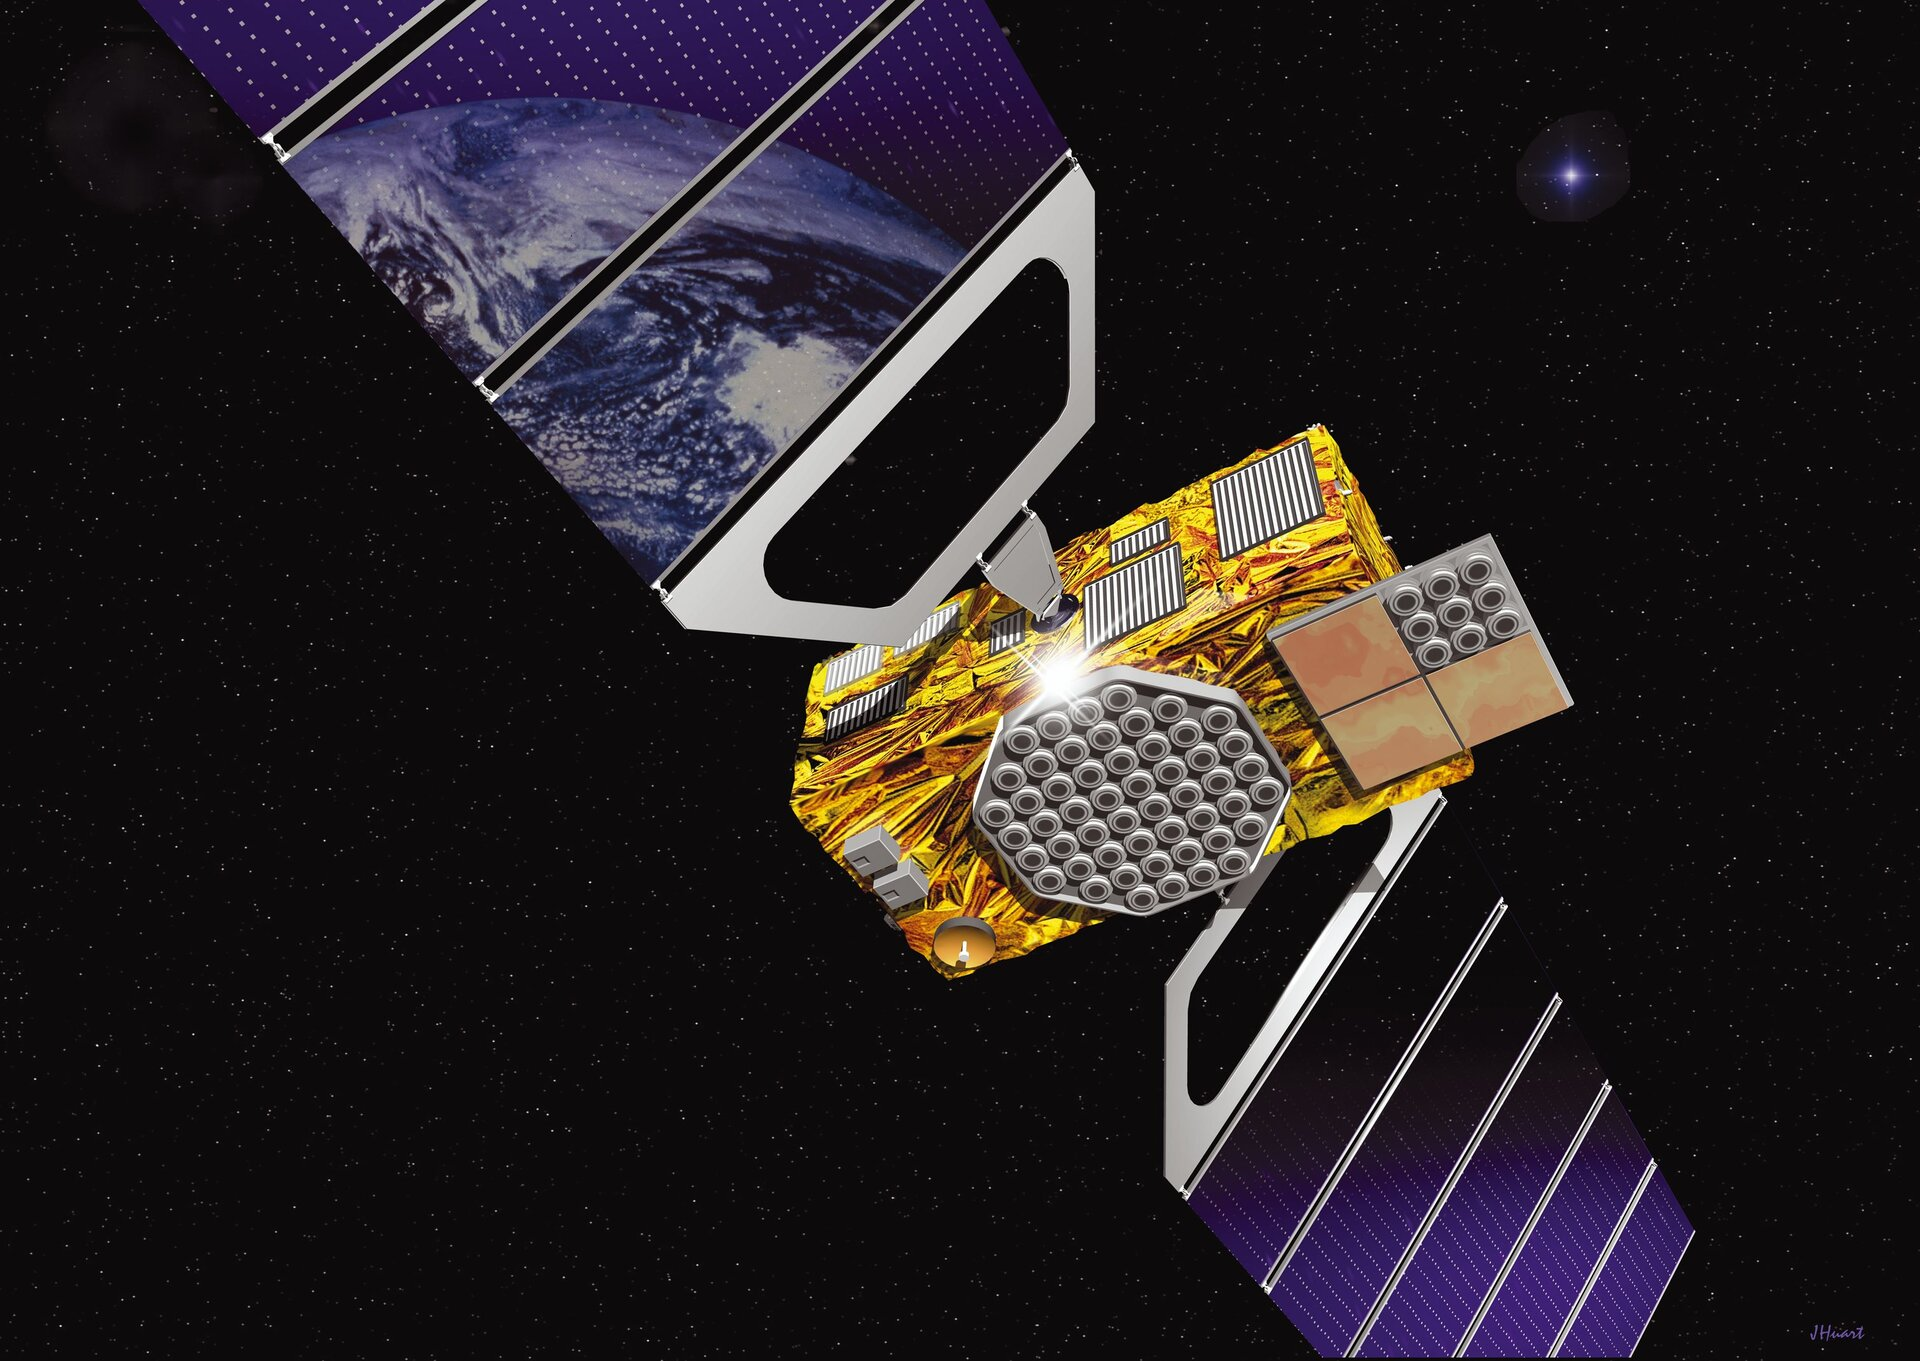 EU će ubrzati planove svemirskih letova kao odgovor na SpaceX i Kinu